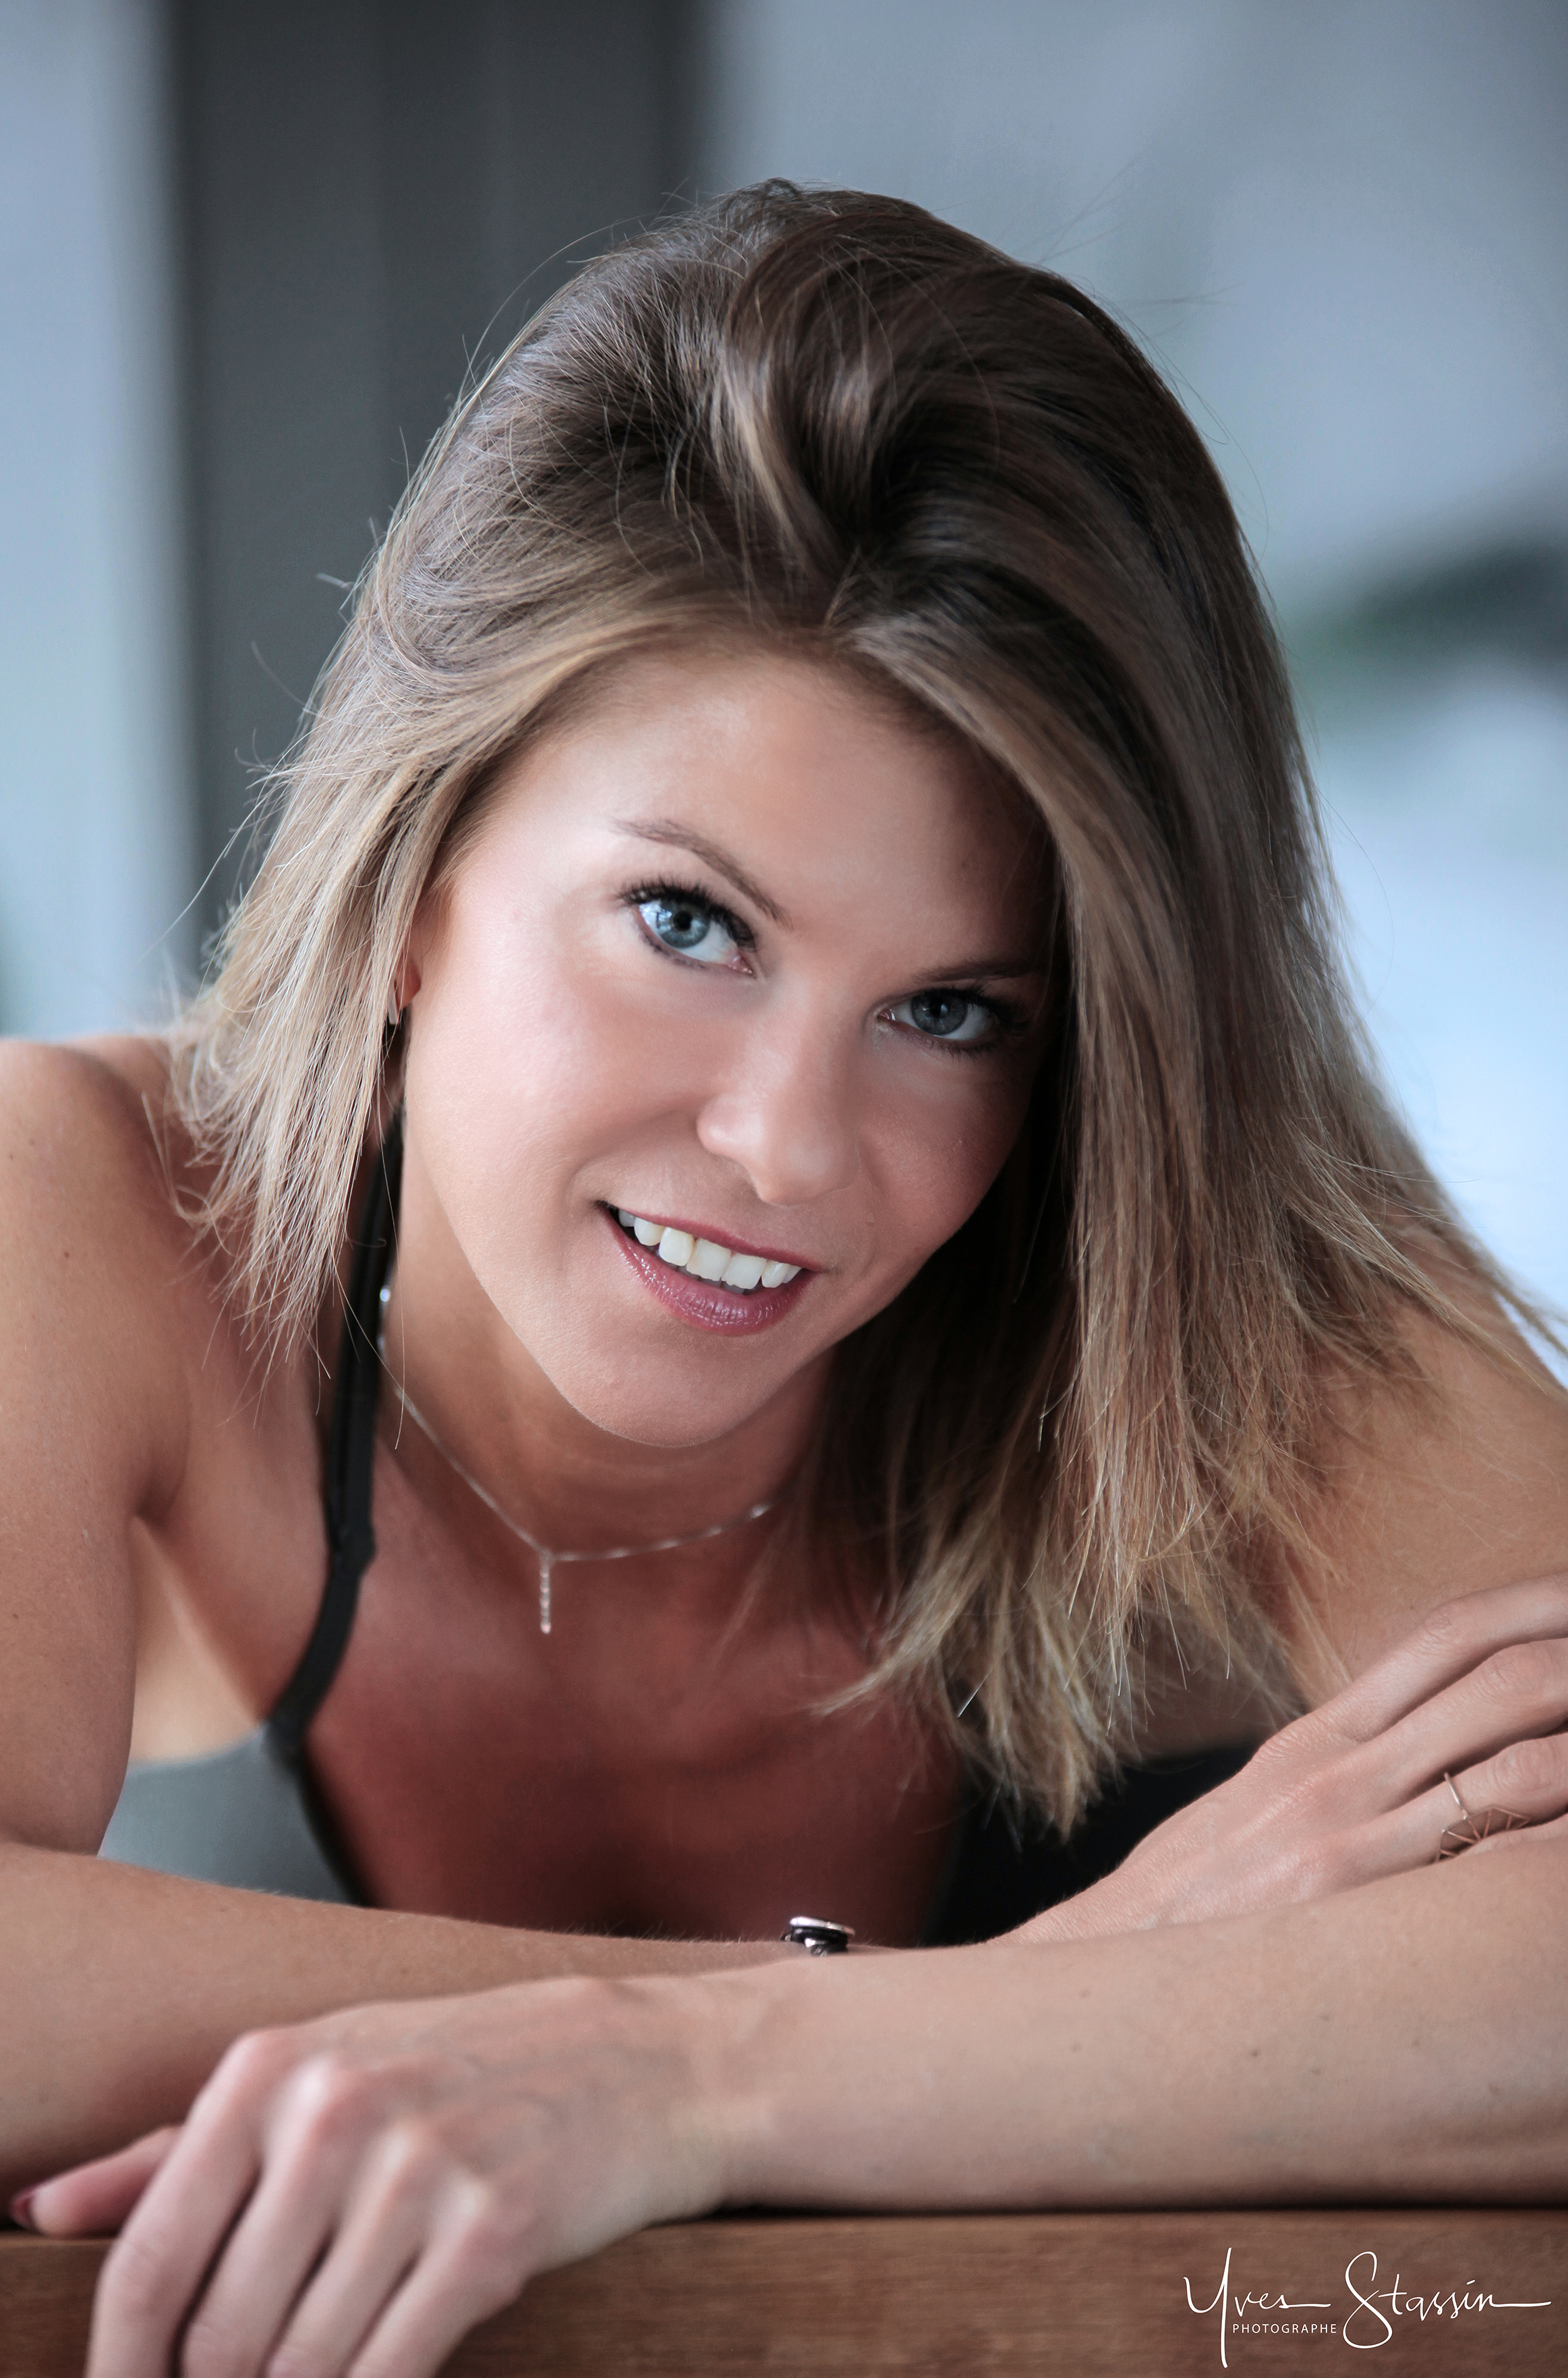 Alexandra Carcan Agence_ A